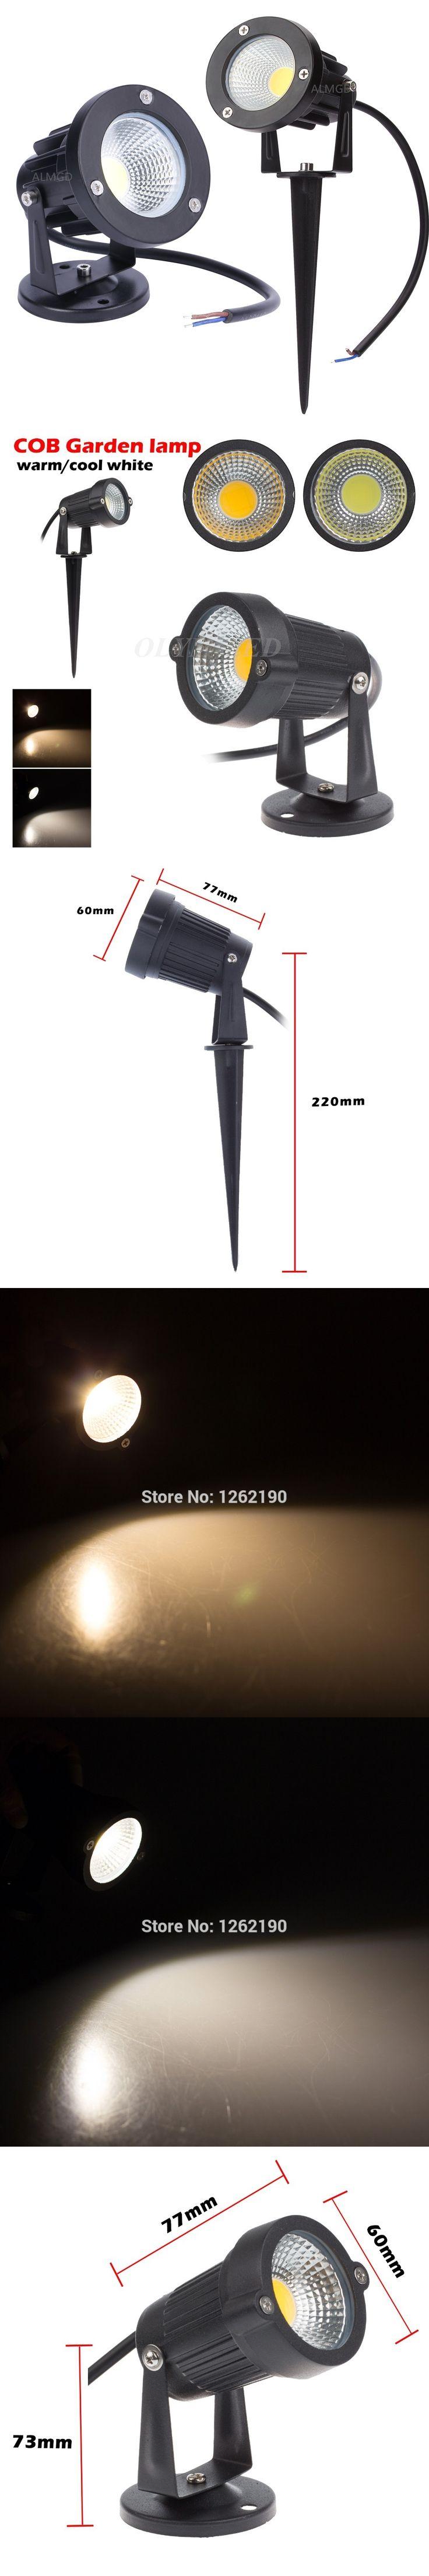 New Style COB Garden Lawn Lamp Light 220V 110V 12V Outdoor LED Spike Light  3W 5W